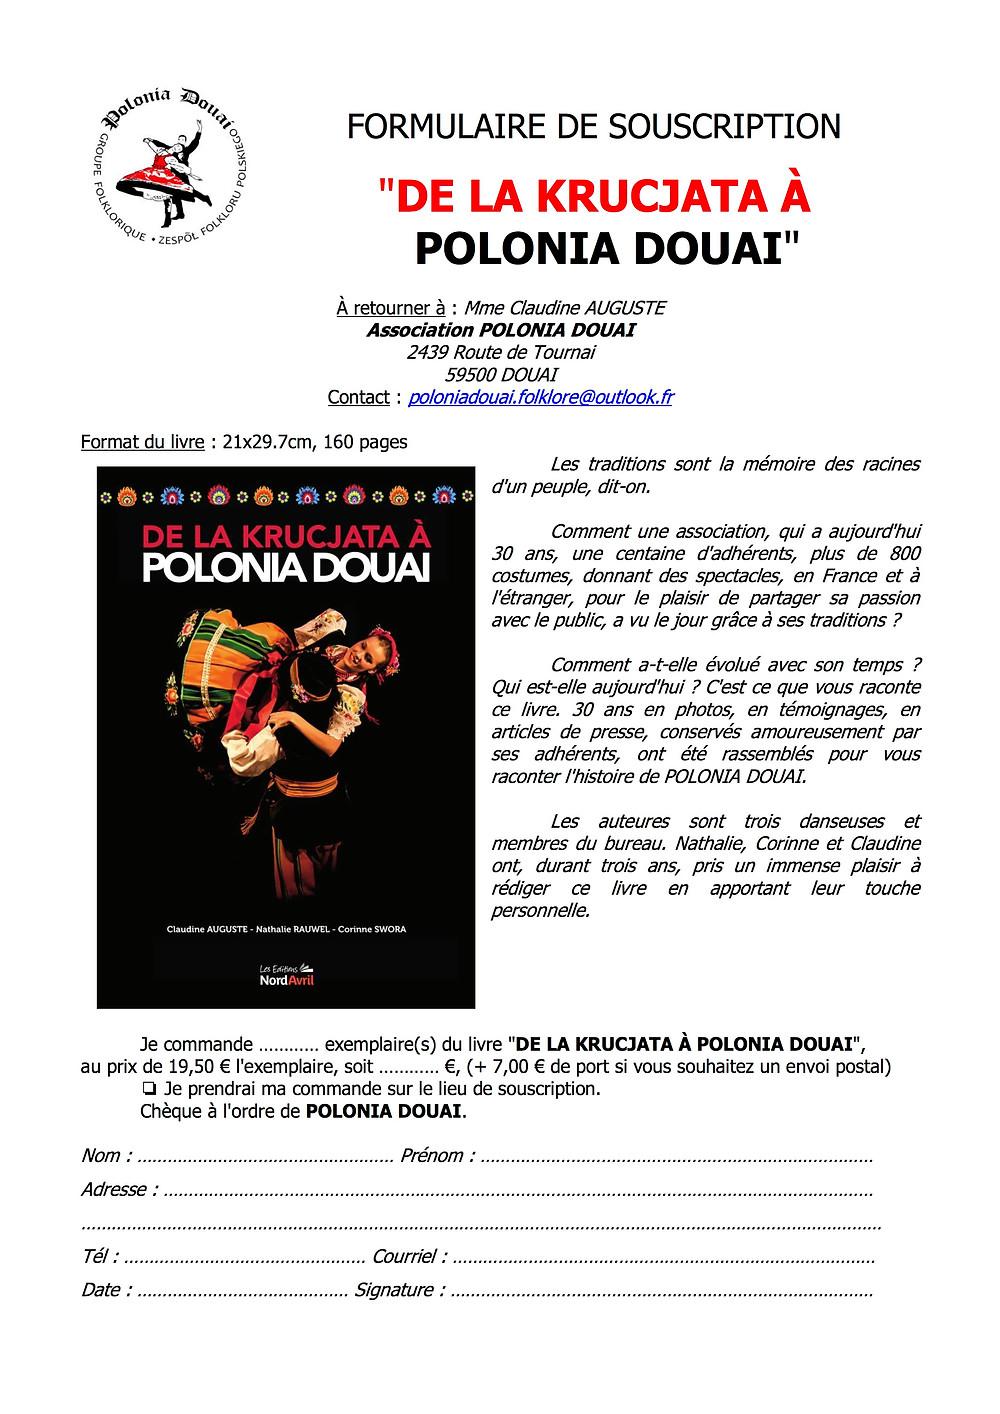 """Formulaire de souscription du livre """"De la Krucjata à Polonia Douai"""""""